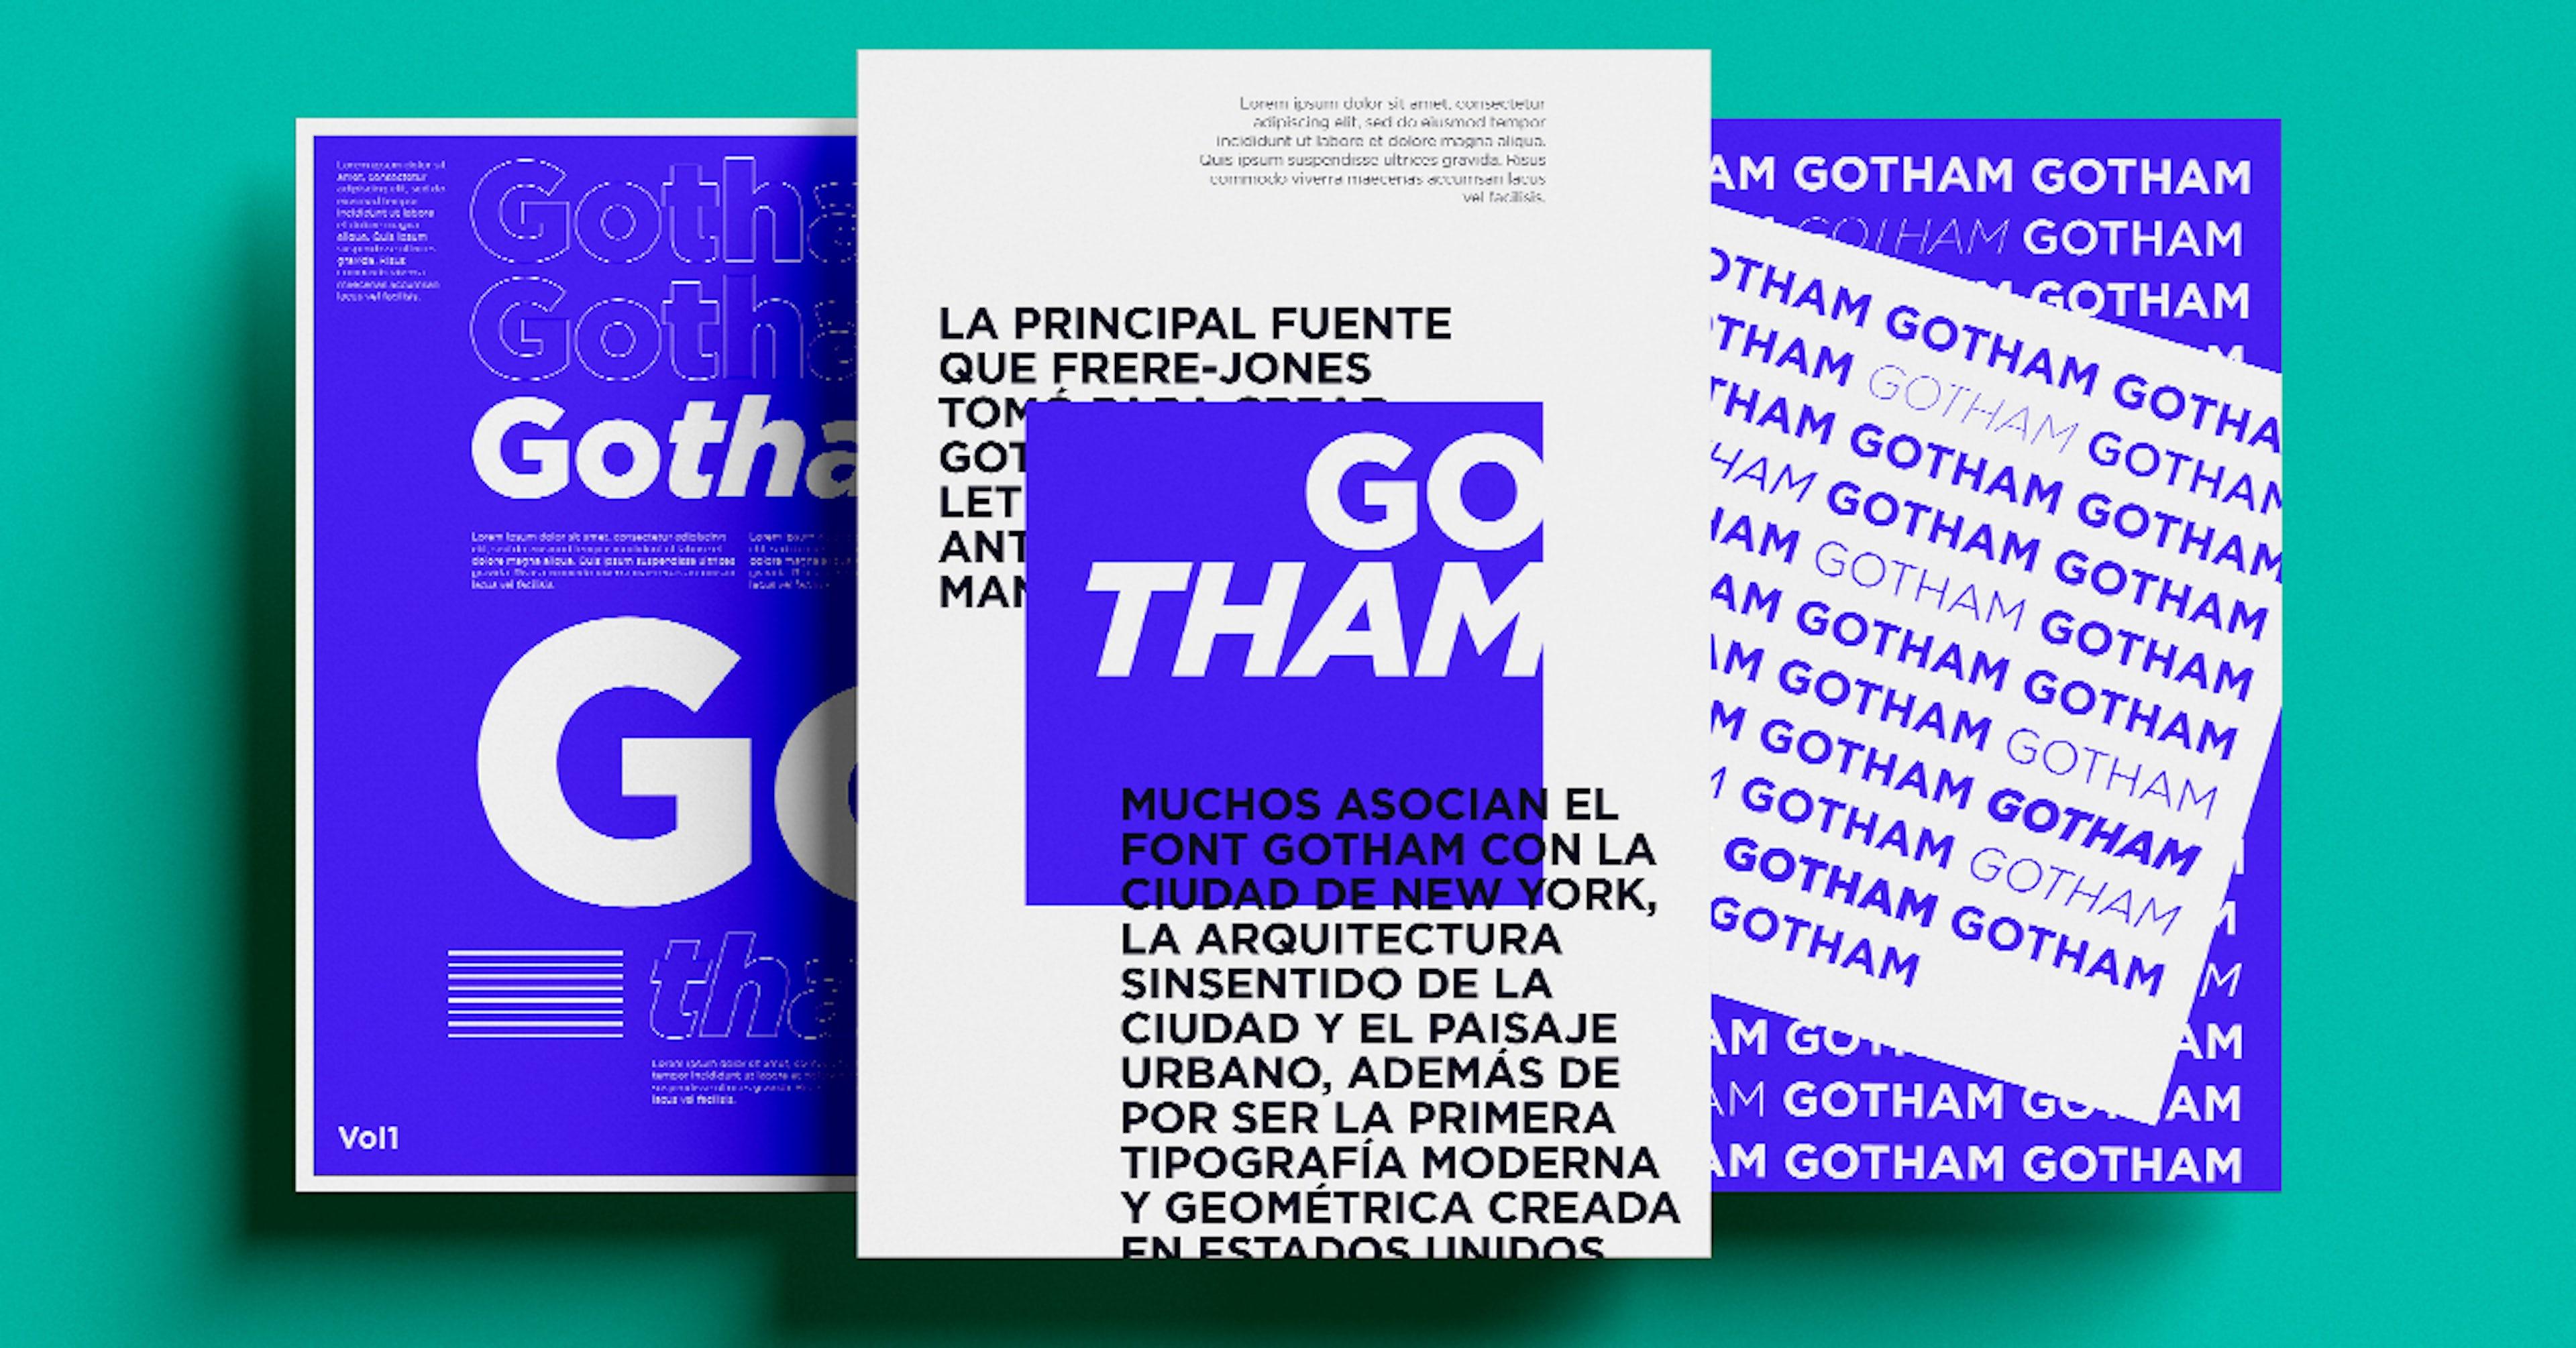 Gotham font: La tipografía que no le falta a ningún diseñador